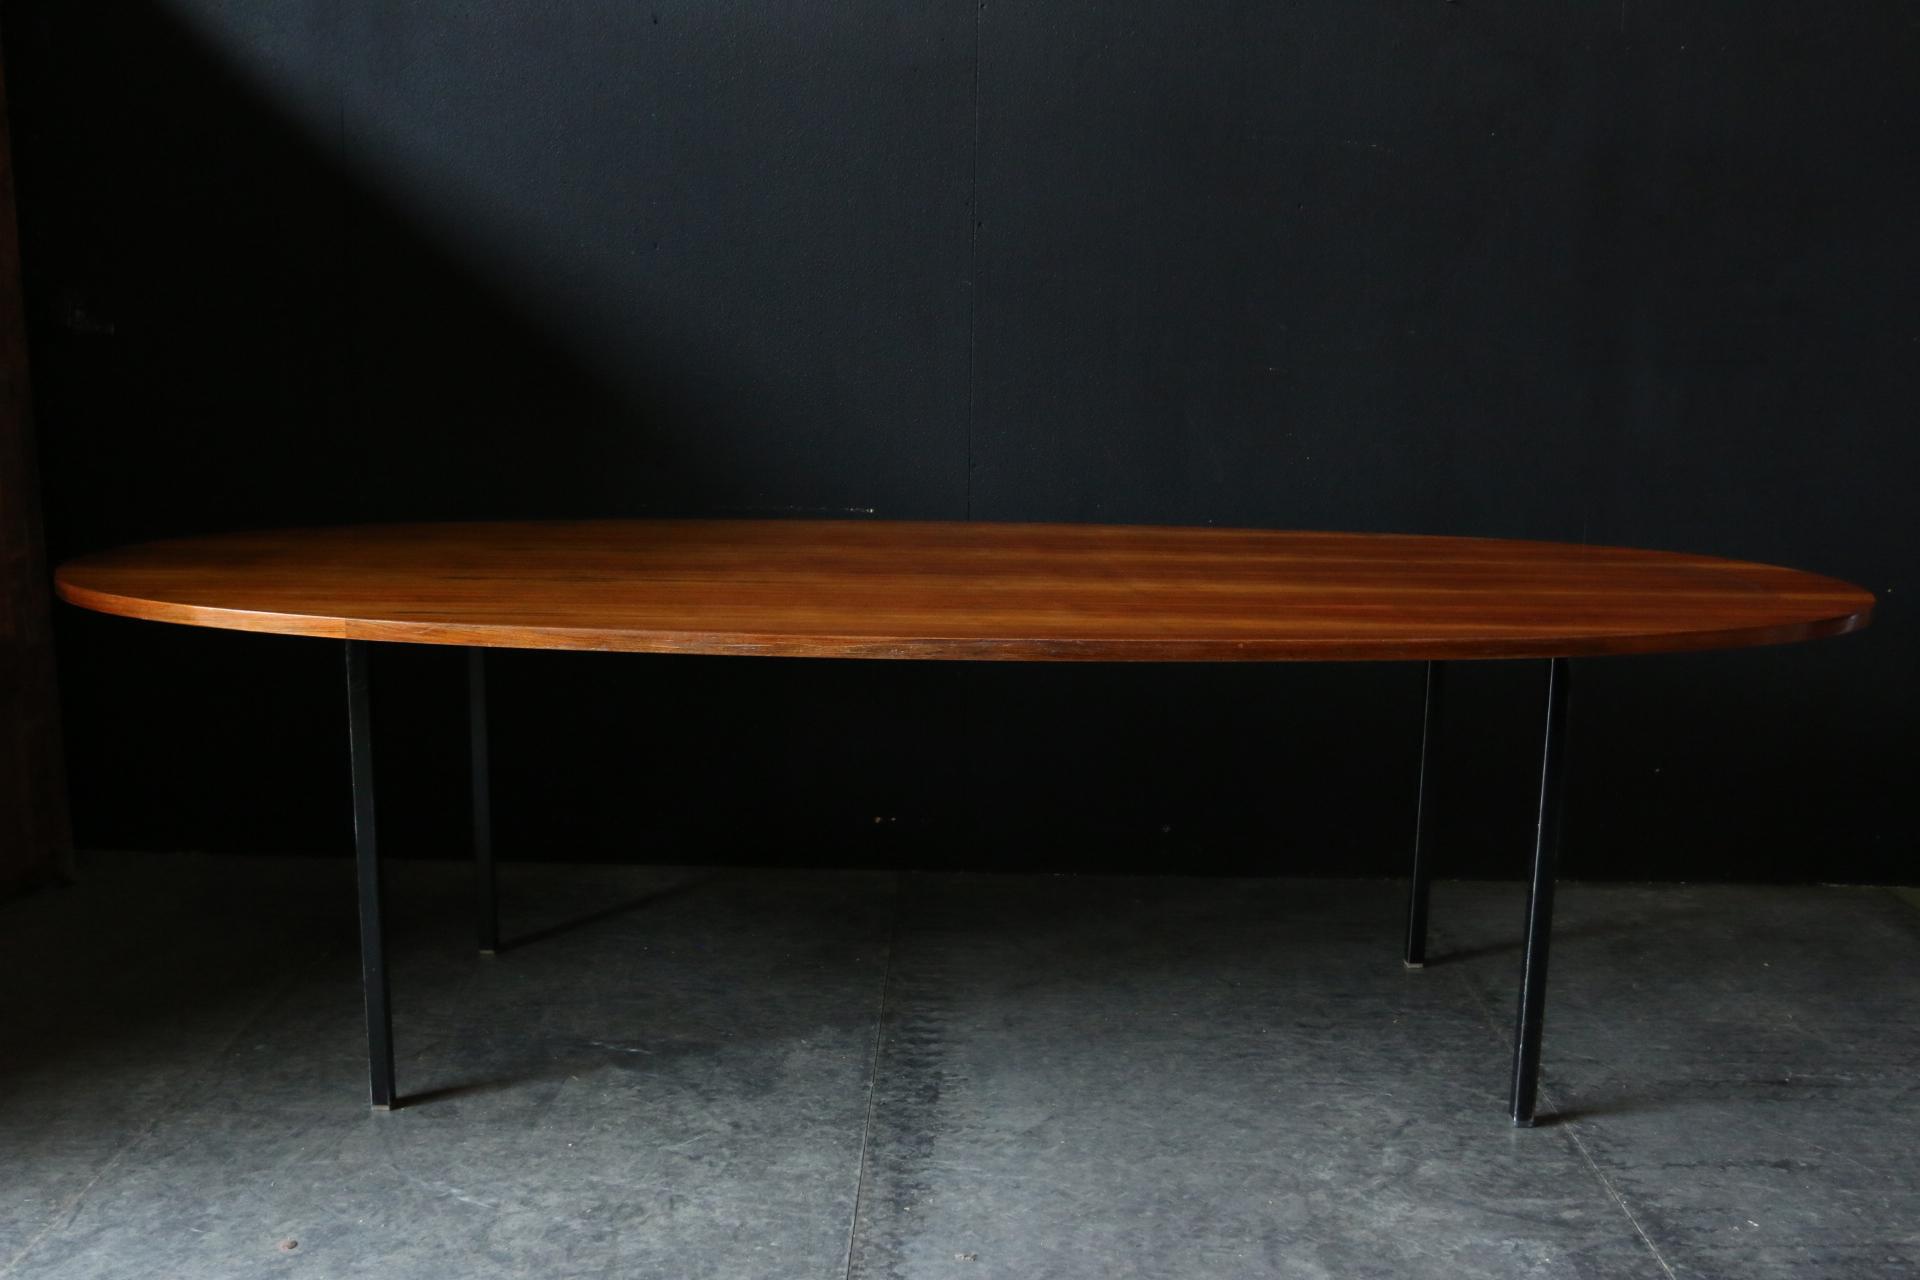 XL Industrieel Vintage Ovalen Noten Metaal stamtafel  u2013 Dehuiszwaluw